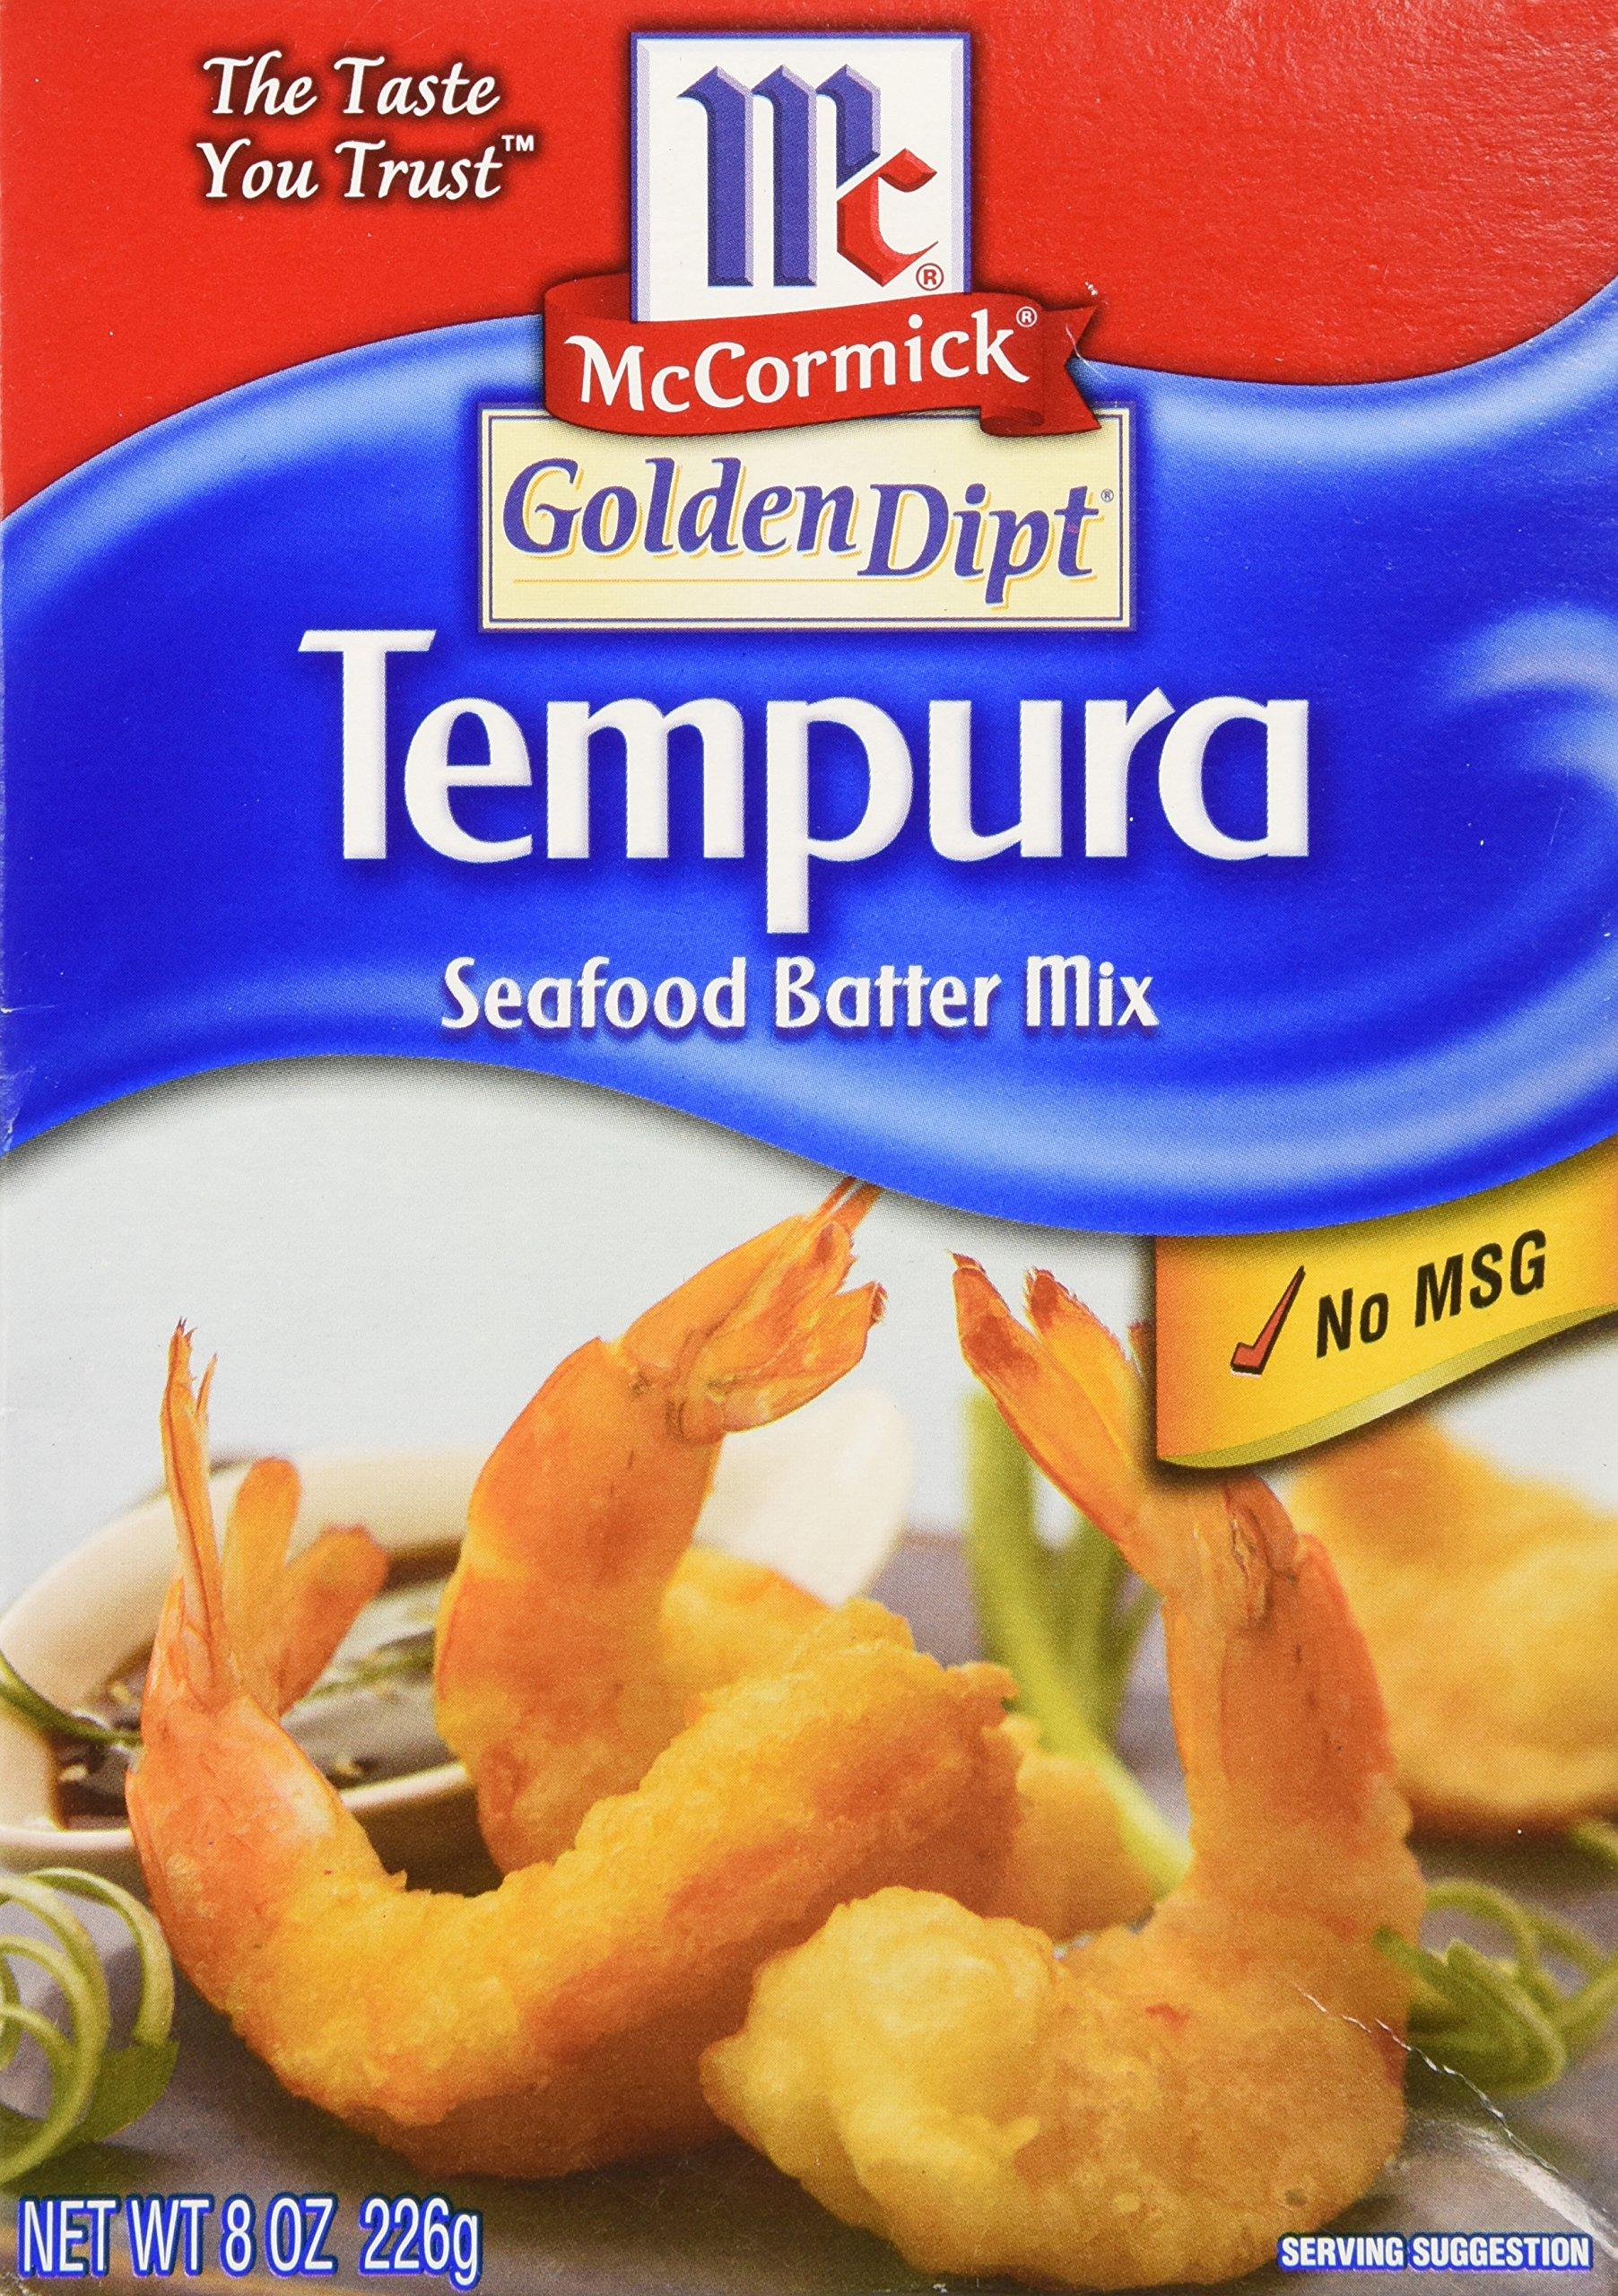 McCormick Golden Dipt Tempura Seafood Batter Mix 8 Ounces (Pack of 3)